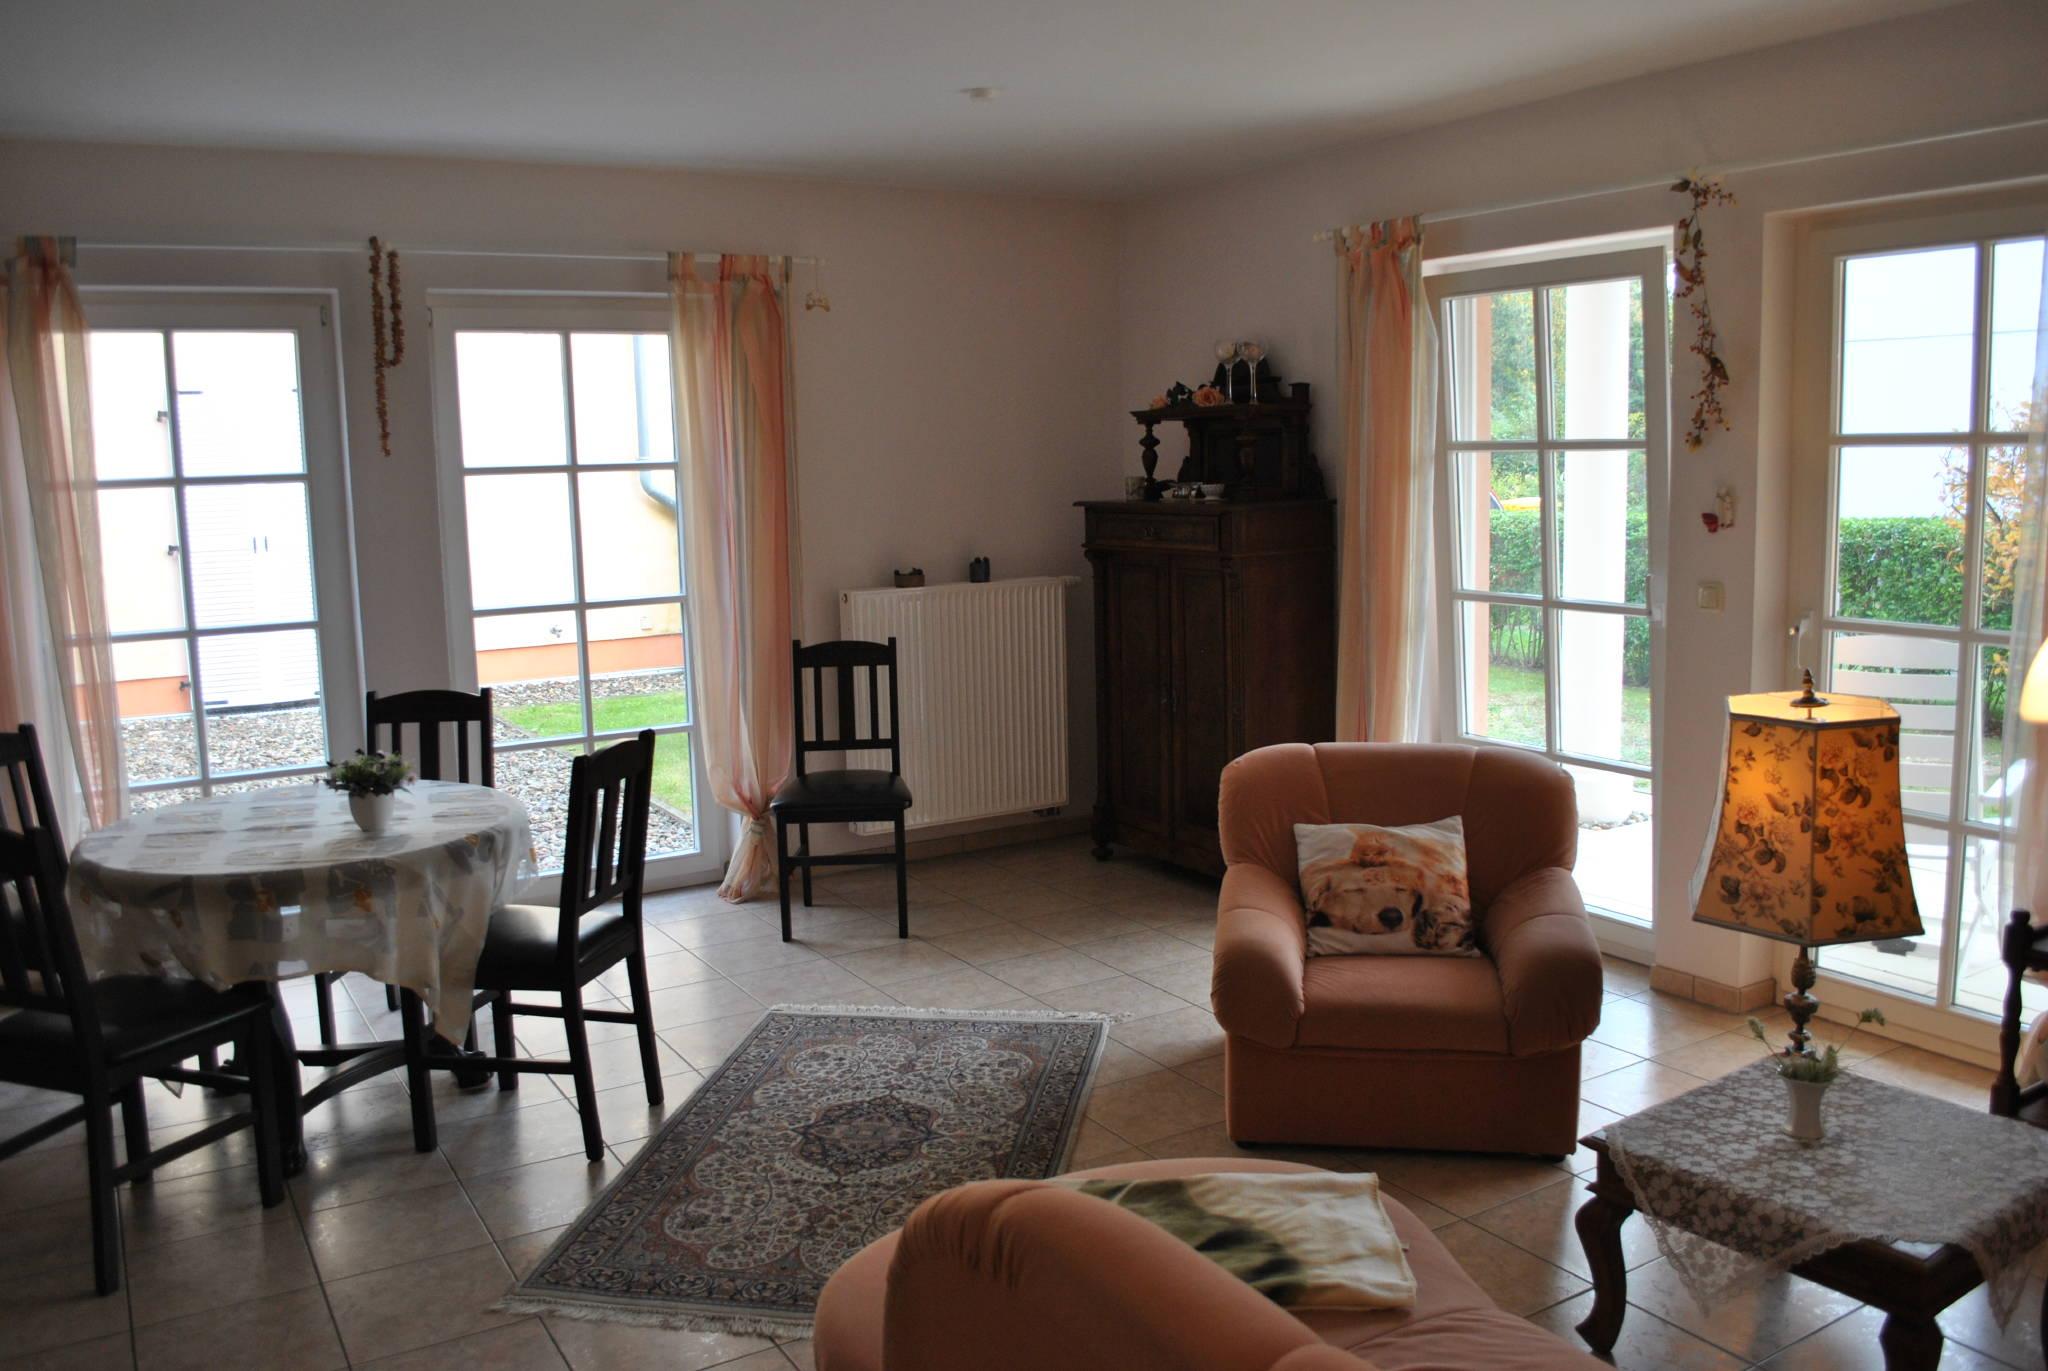 wohnzimmer essecke mit sudterrasse